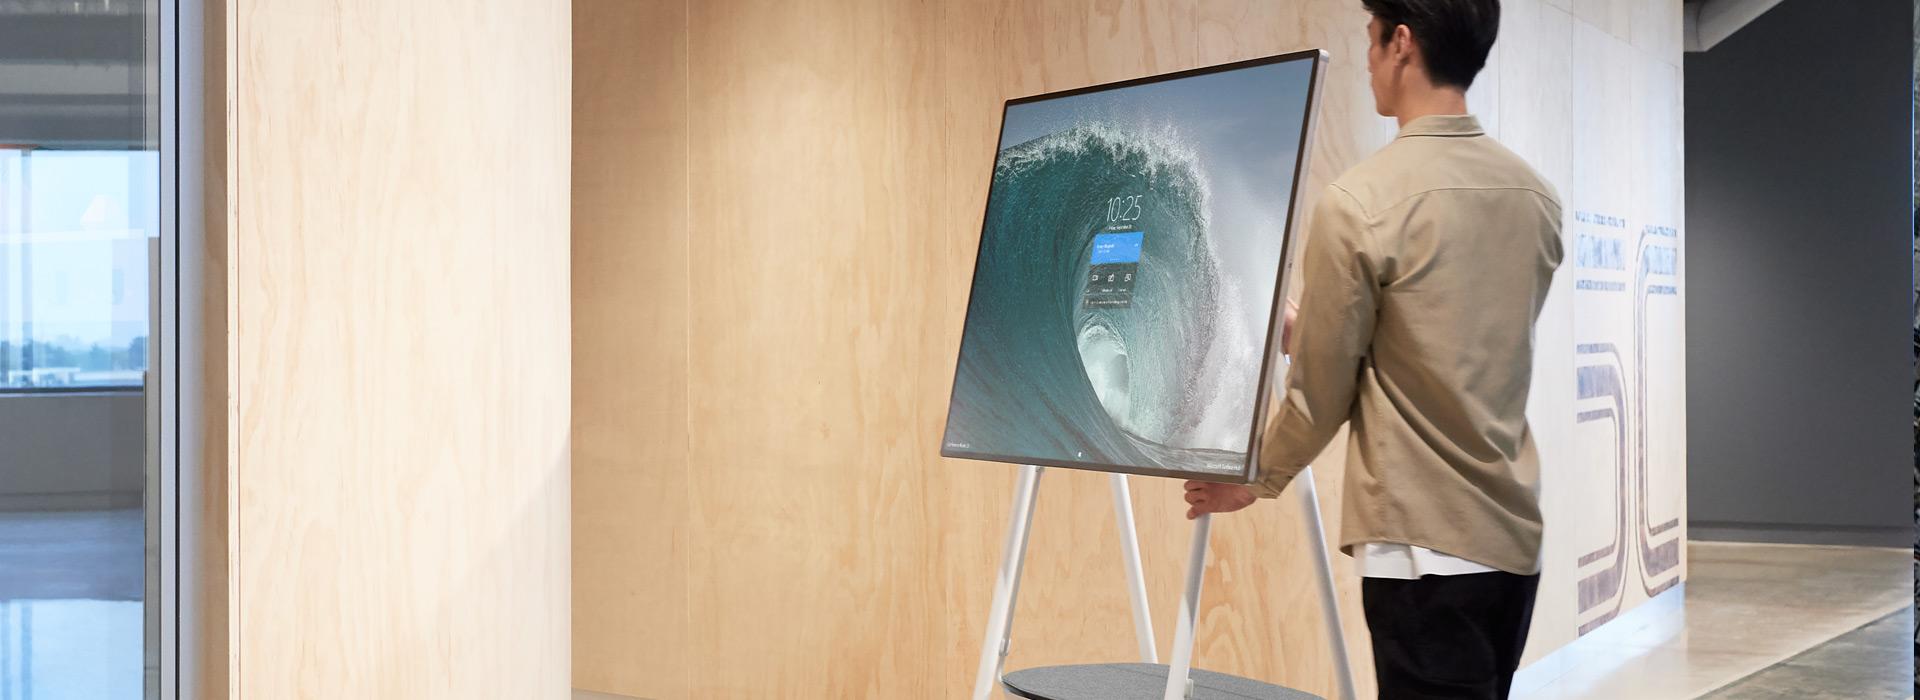 Um homem a transportar o Surface Hub 2S num suporte móvel